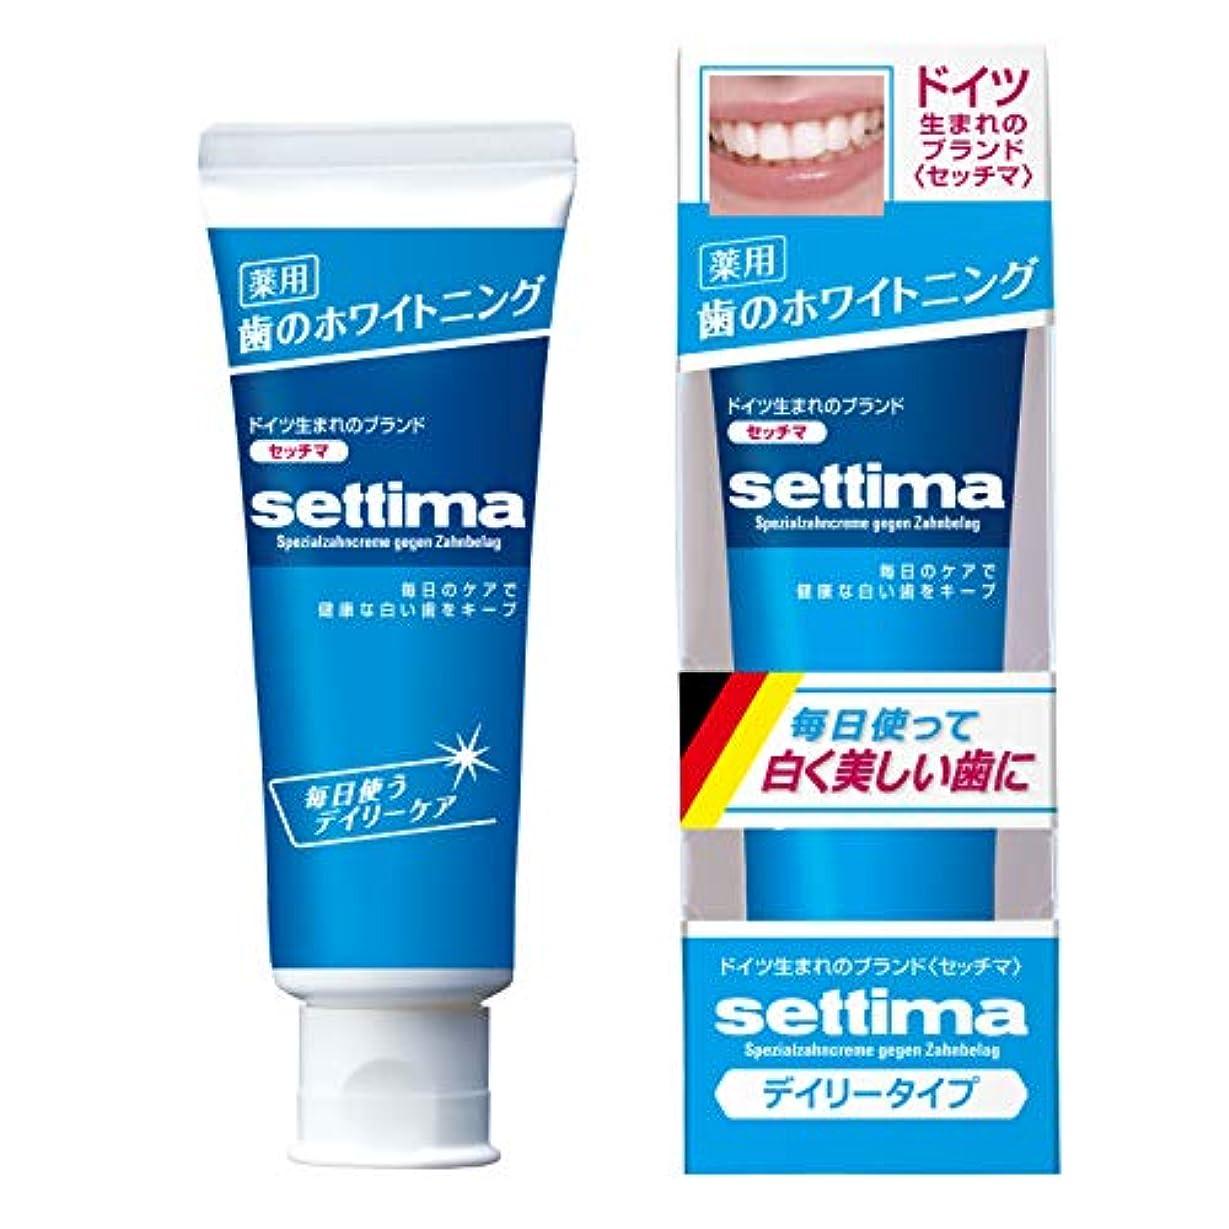 可能性創造機構[医薬部外品] settima(セッチマ) ホワイトニング 歯みがき デイリーケア [ファインミントタイプ] <ステインケア タバコのヤニ取り フッ素配合 虫歯予防> 80g